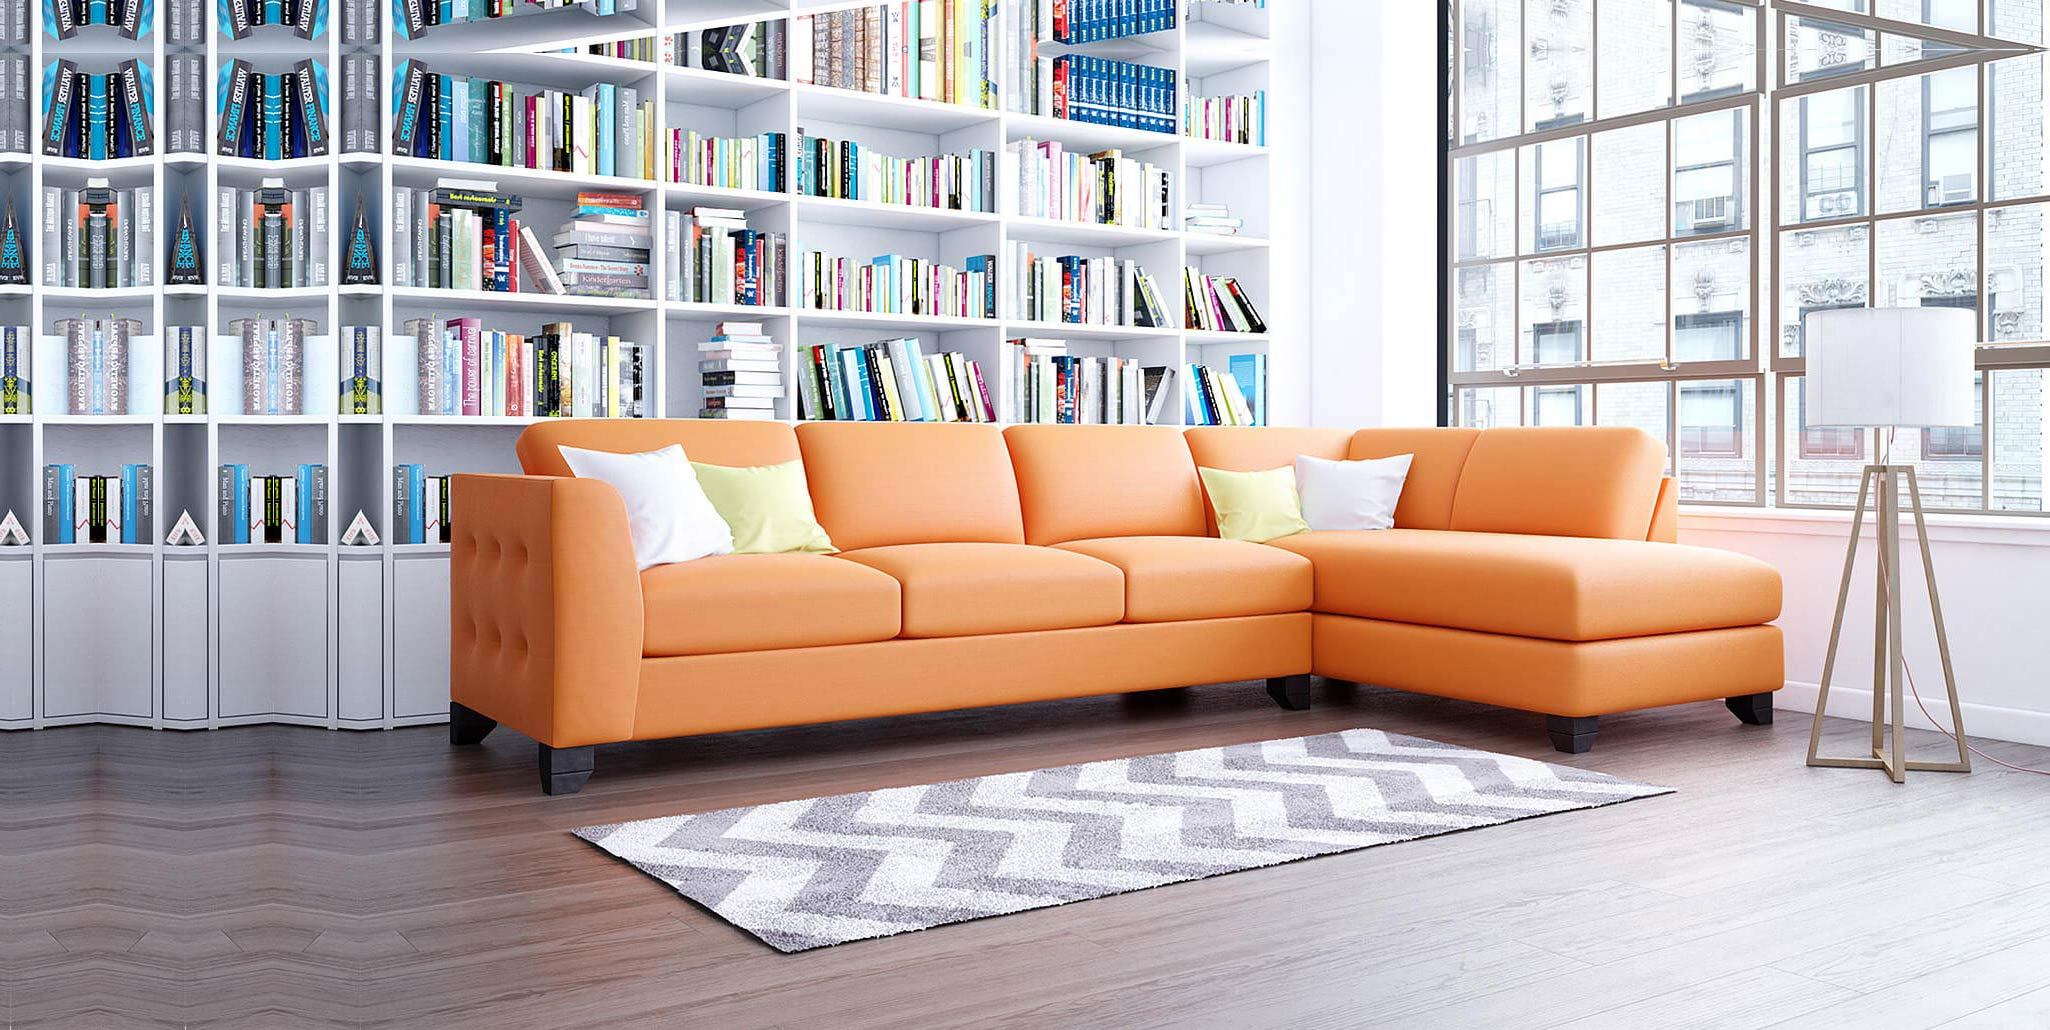 paris panel furniture gallery 1